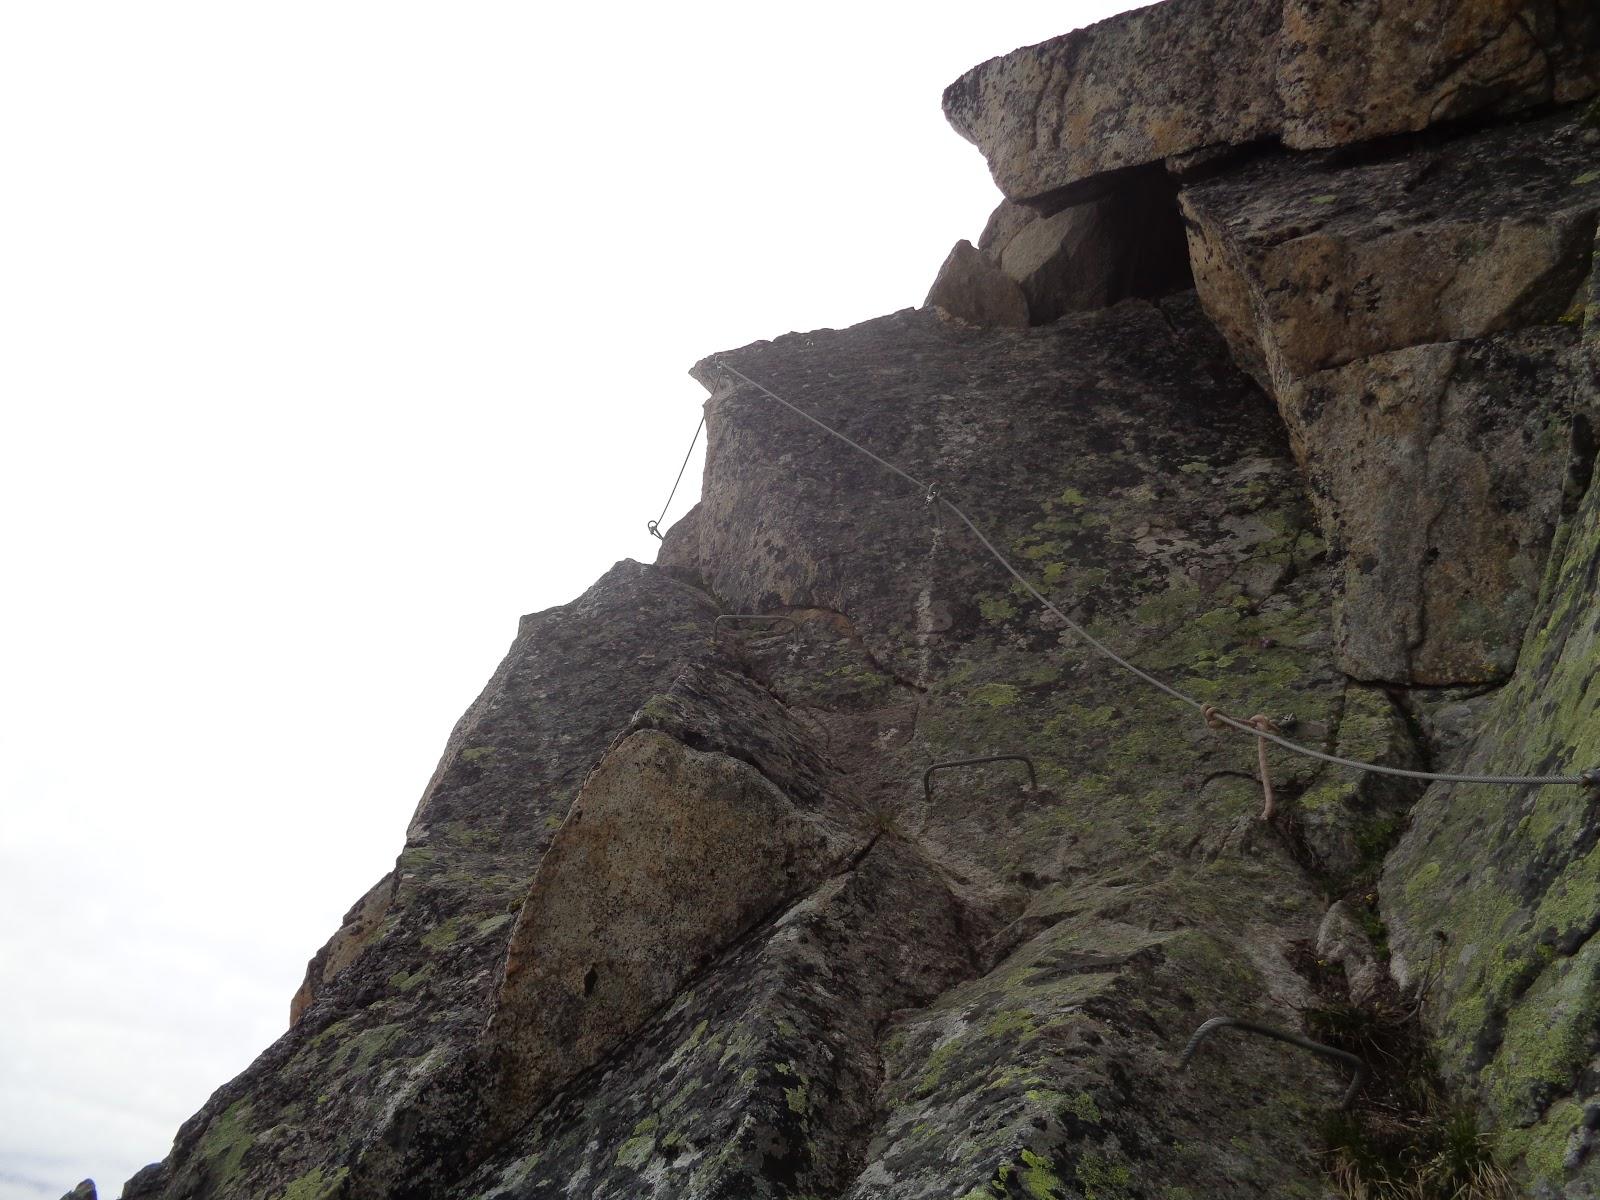 Klettersteig Krokodil : Das klettersteigland deutschland entdecken bergsteigen